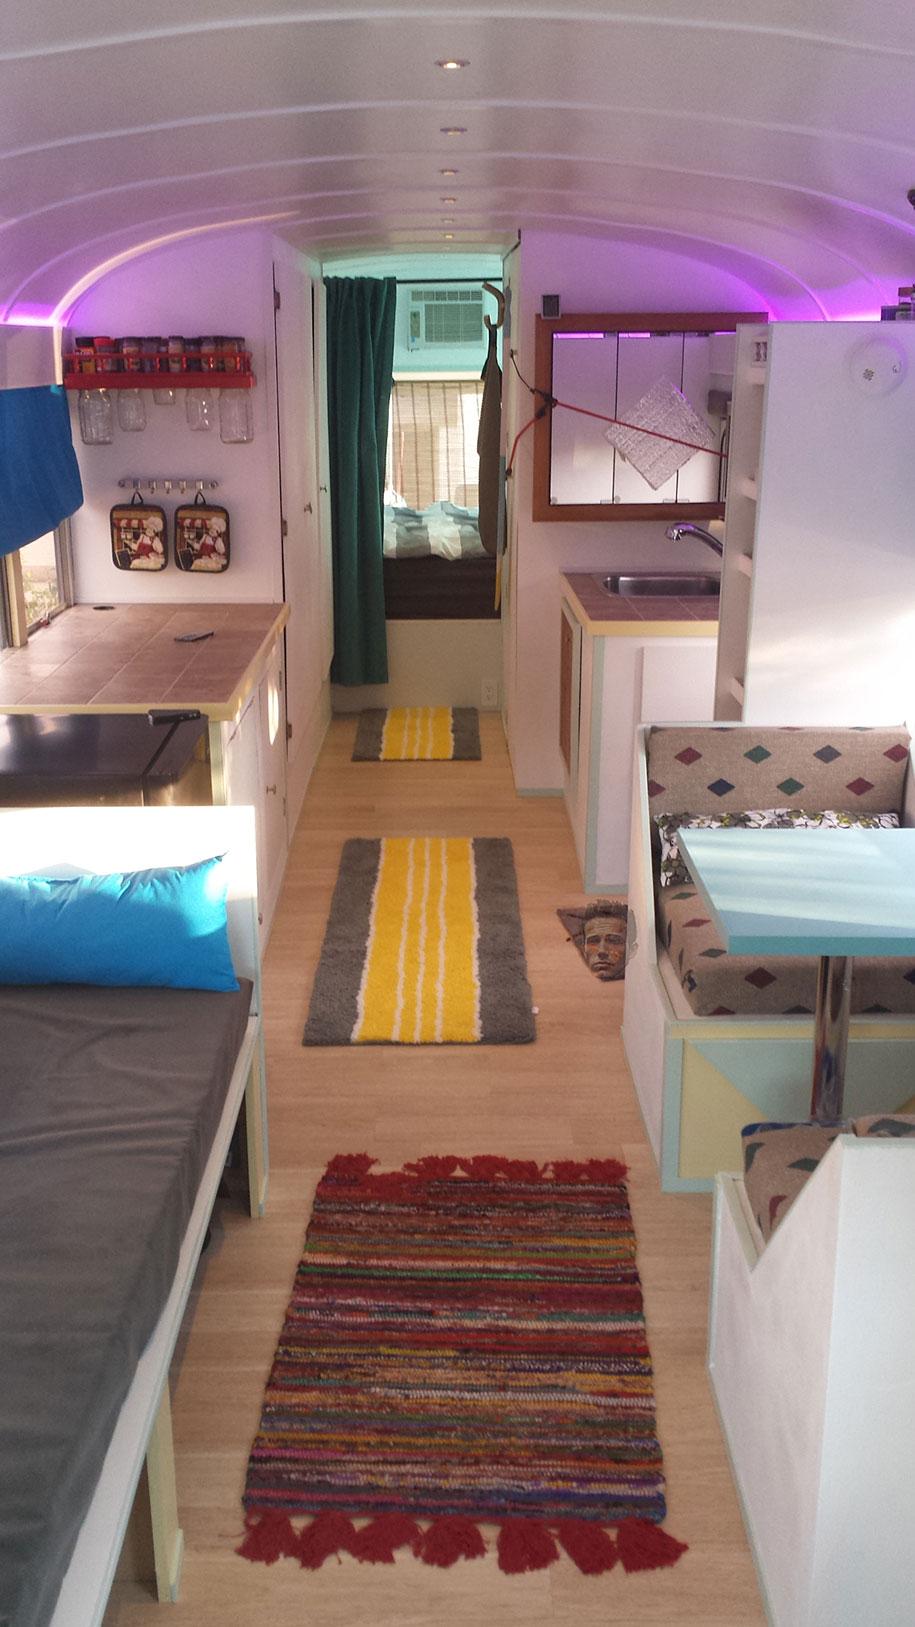 viejo autobús escolar convertido en casa - resultado final